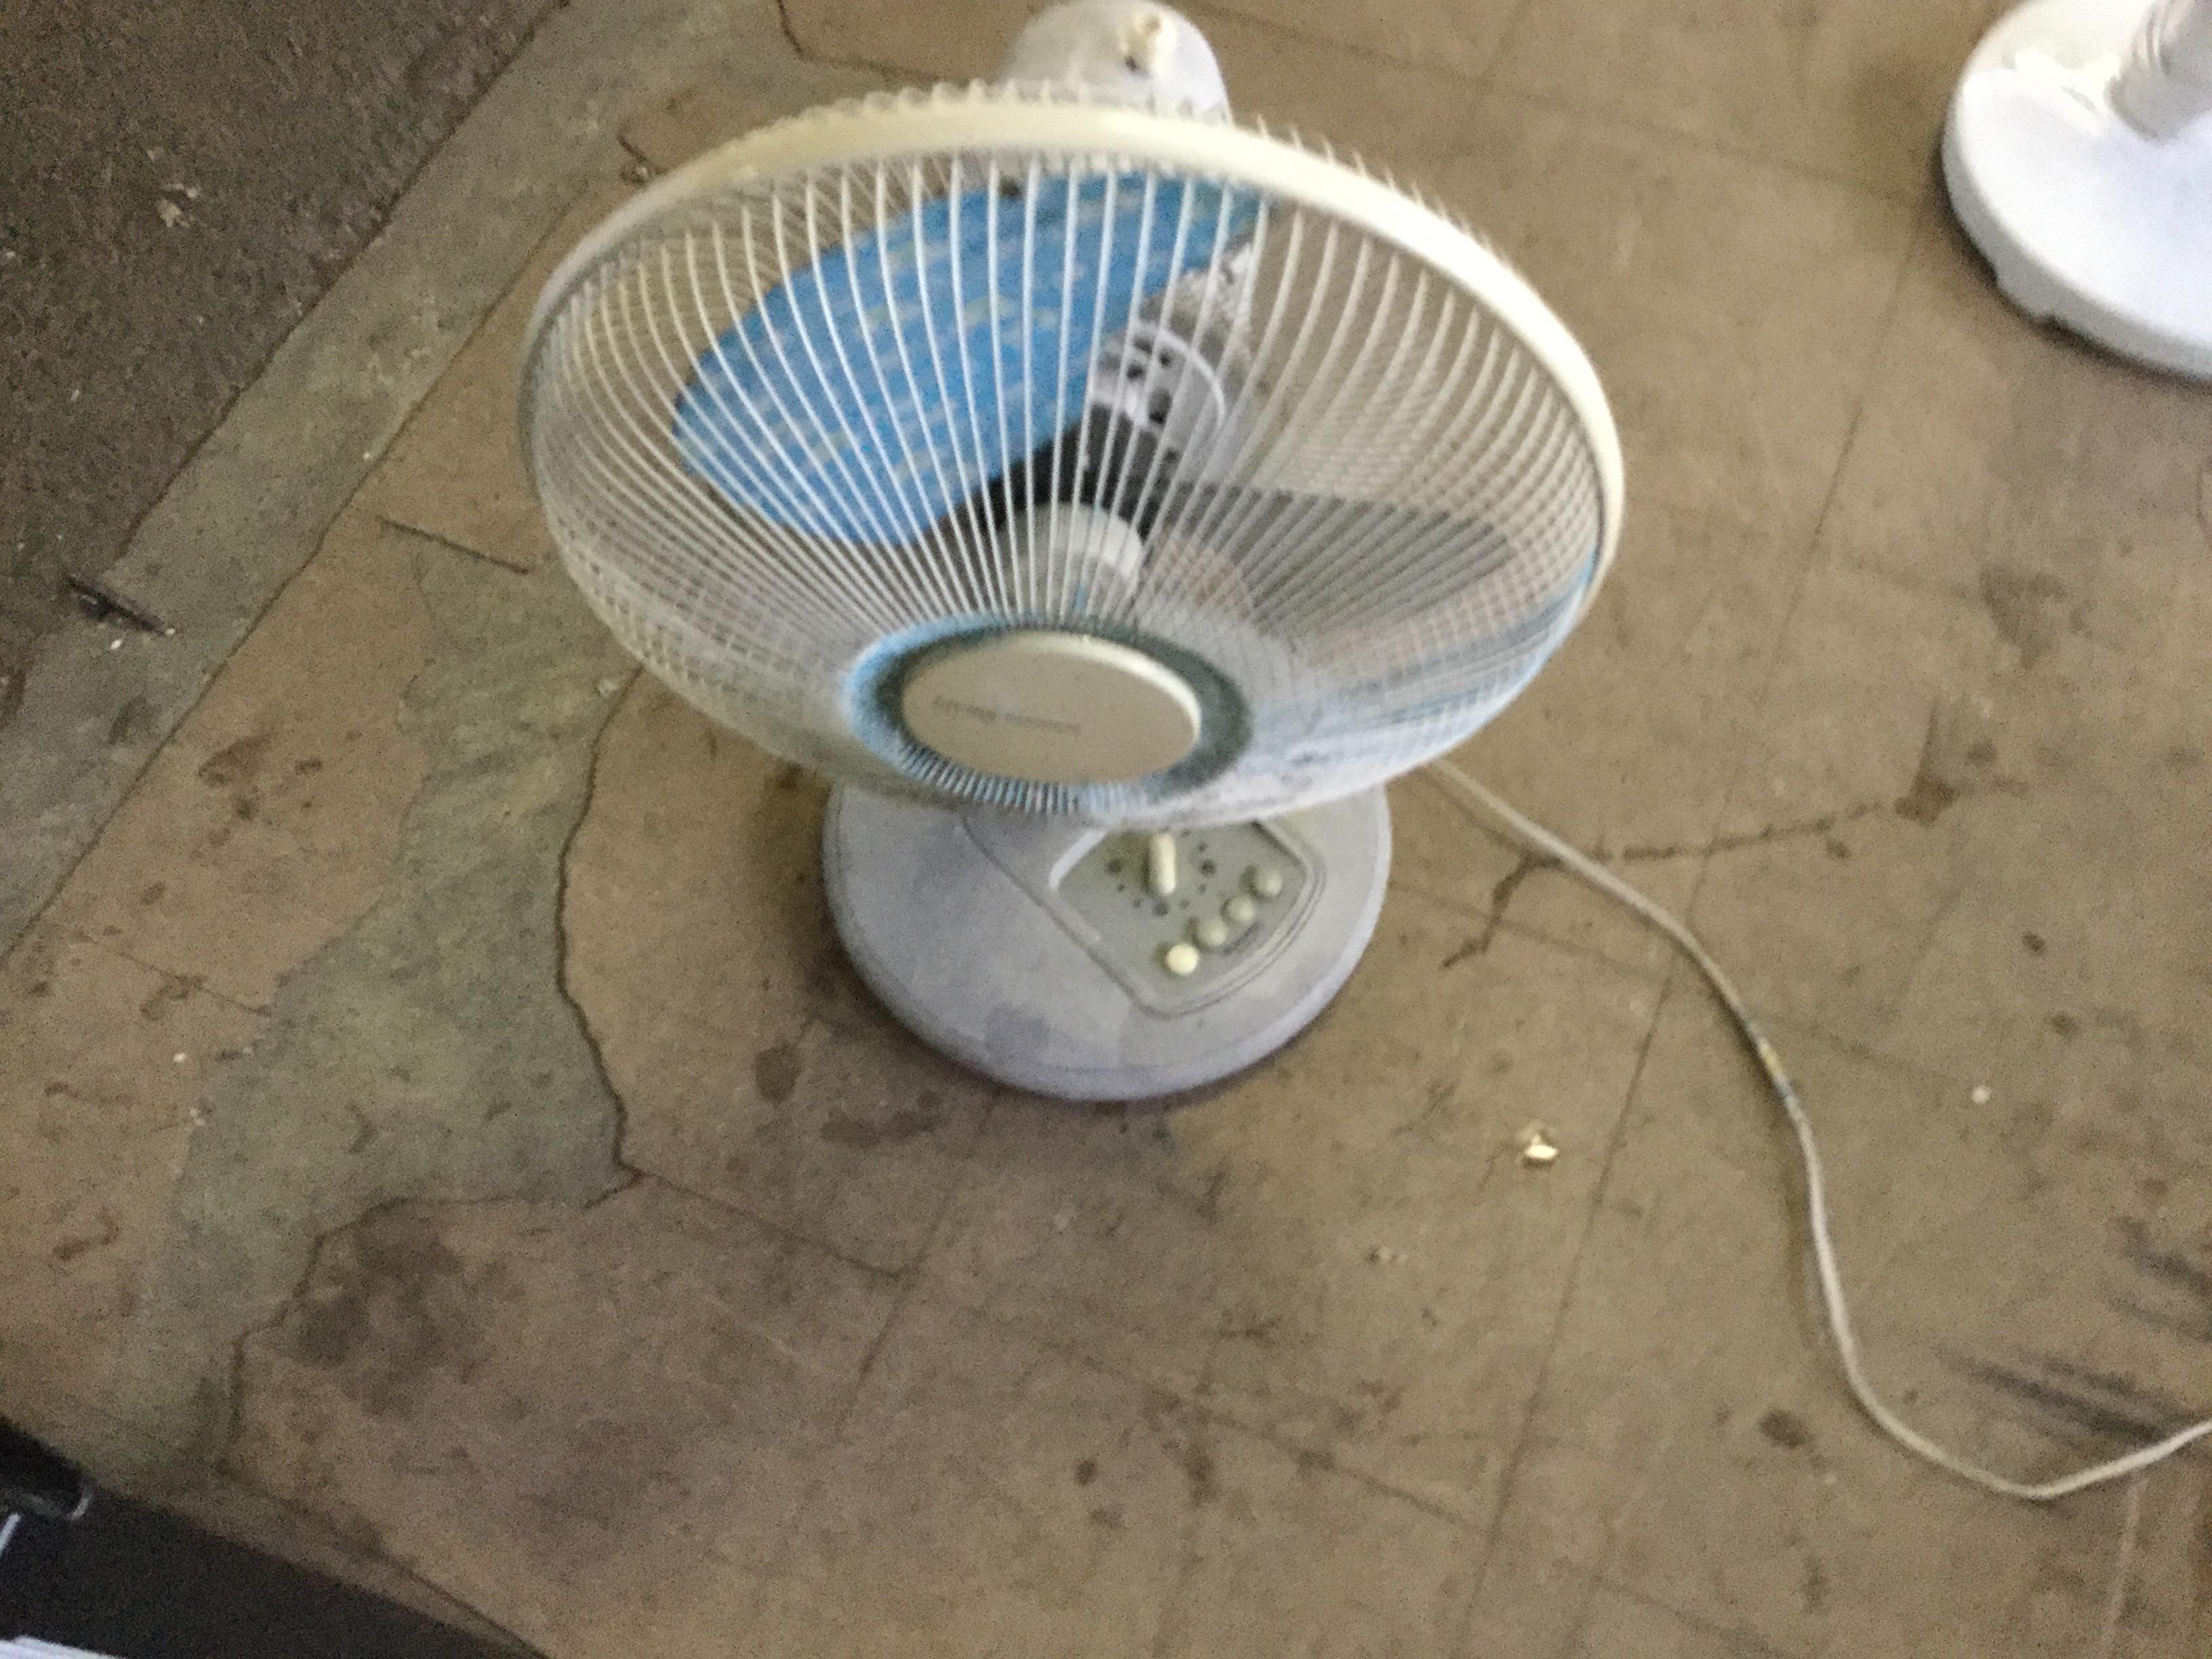 津山市で不用品の回収した扇風機